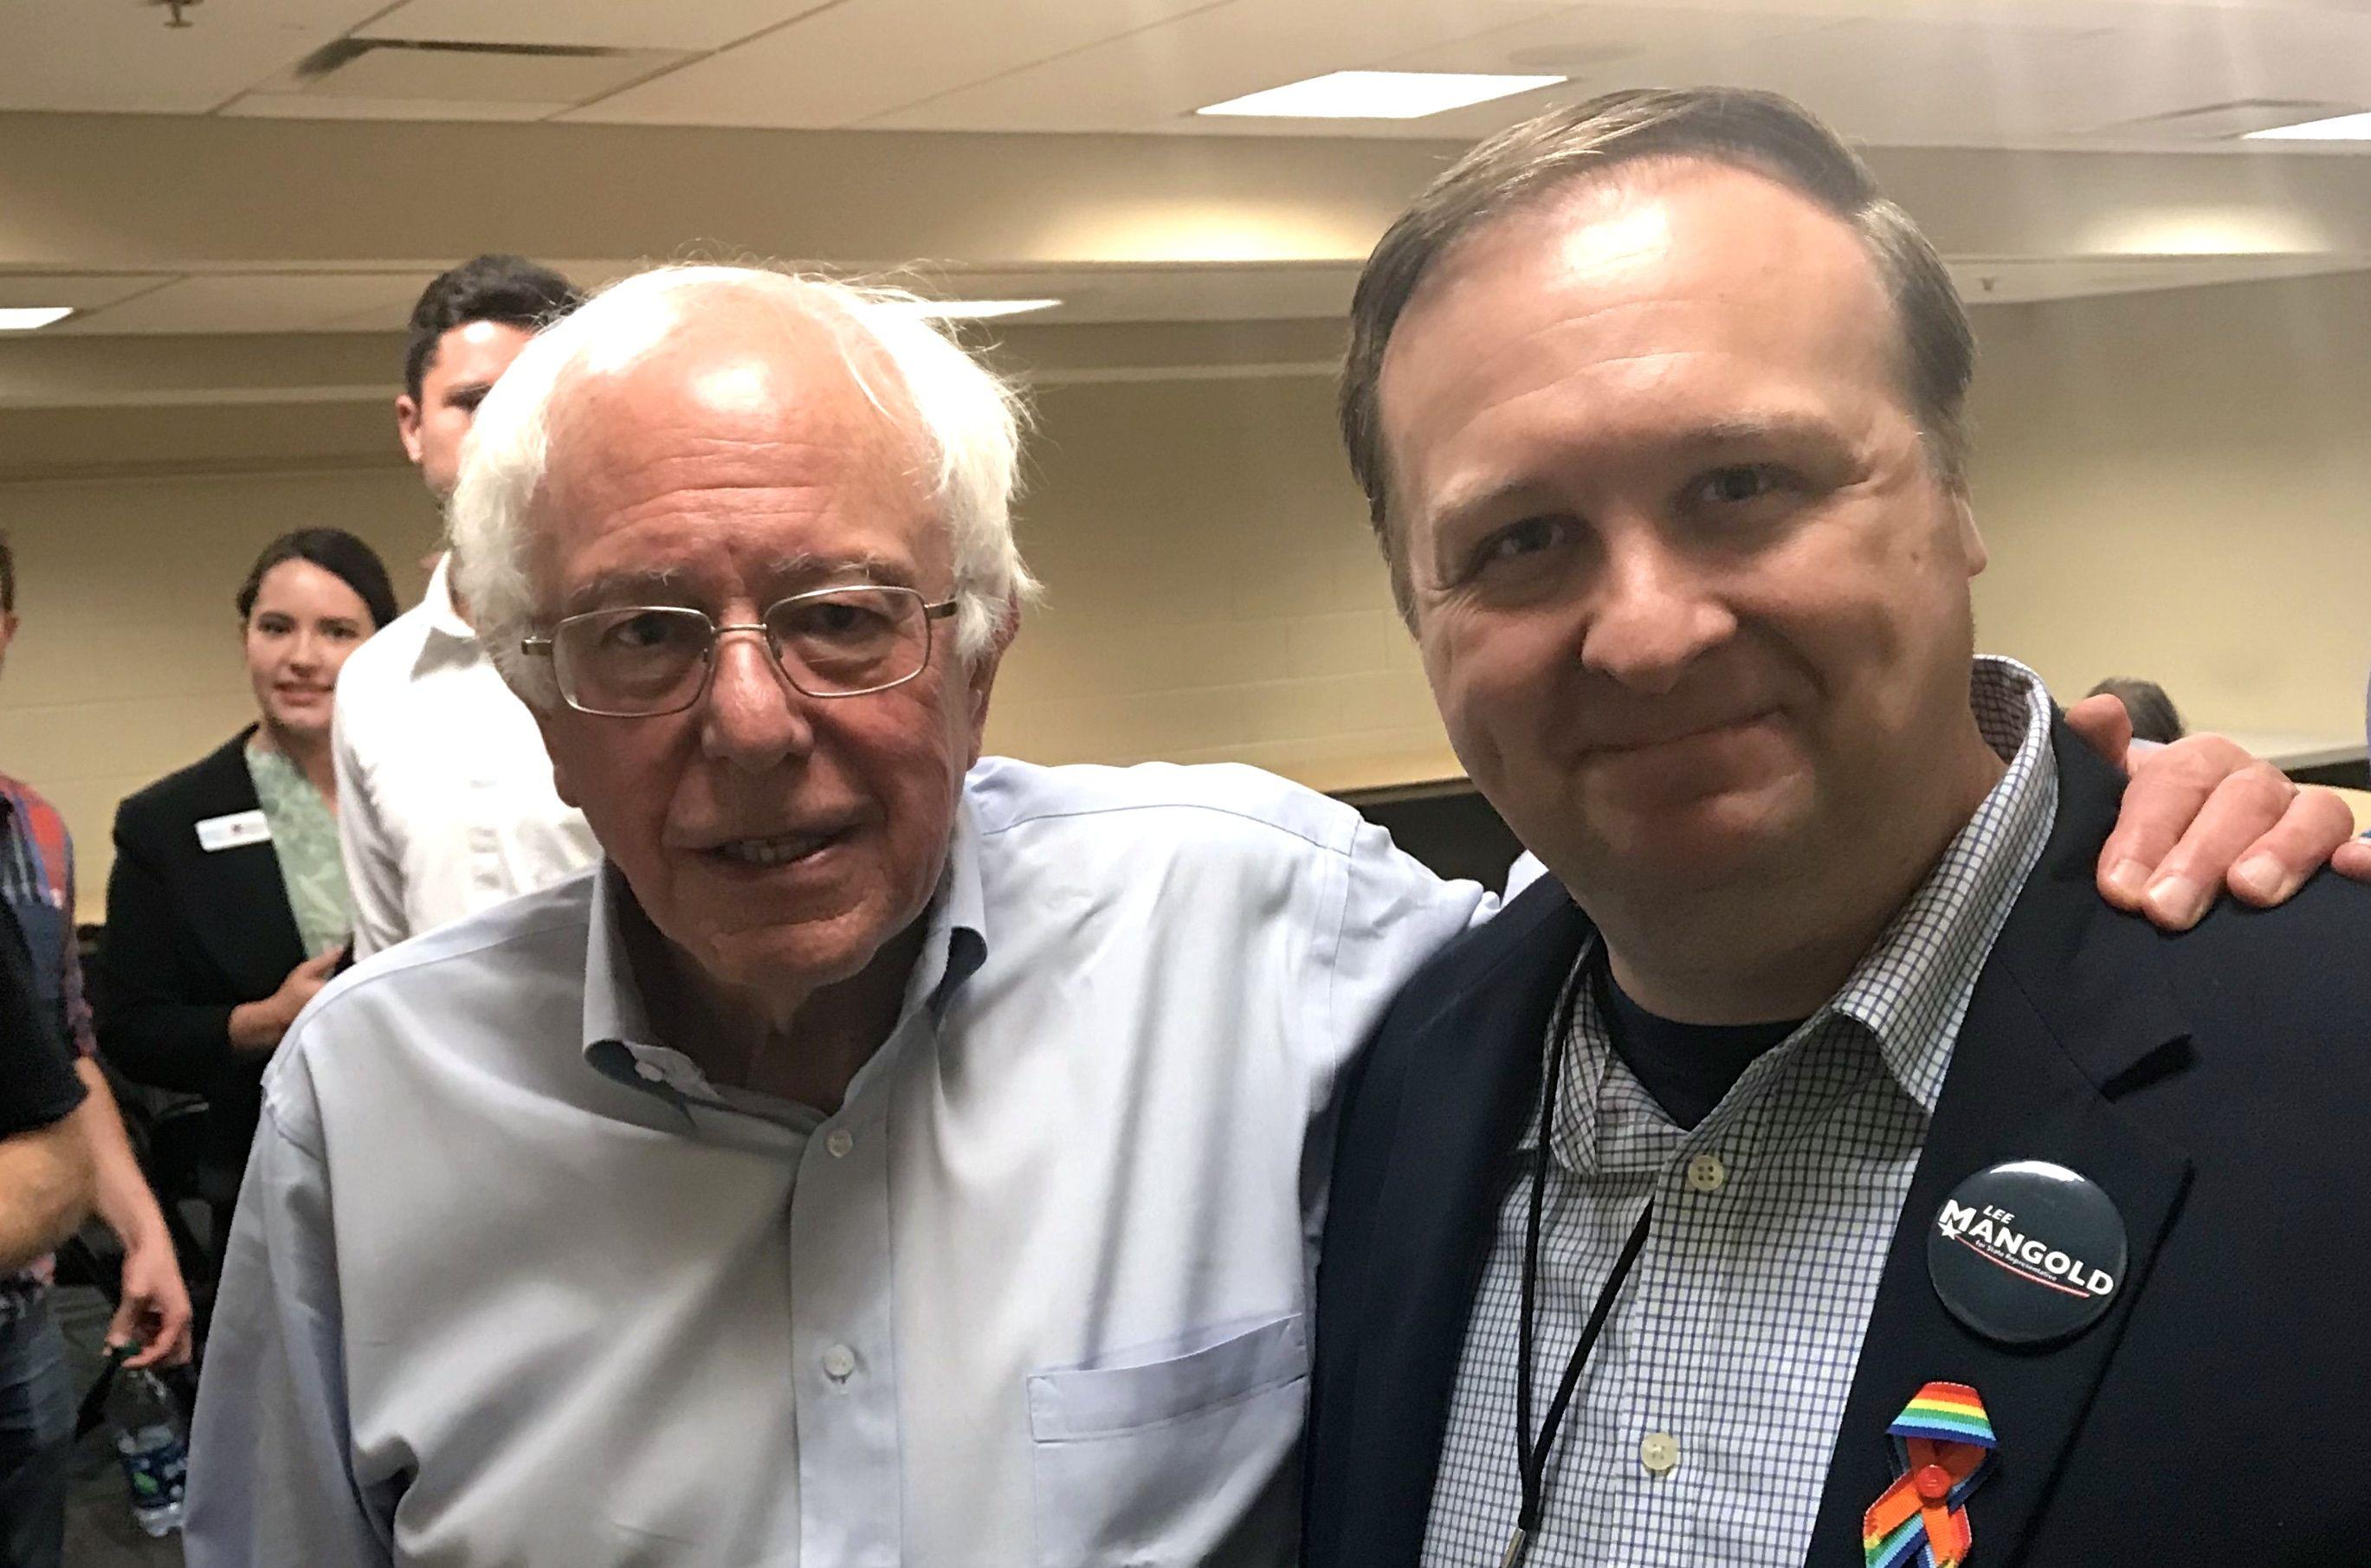 Bernie-Sanders-and-Lee-Mangold-2.jpg